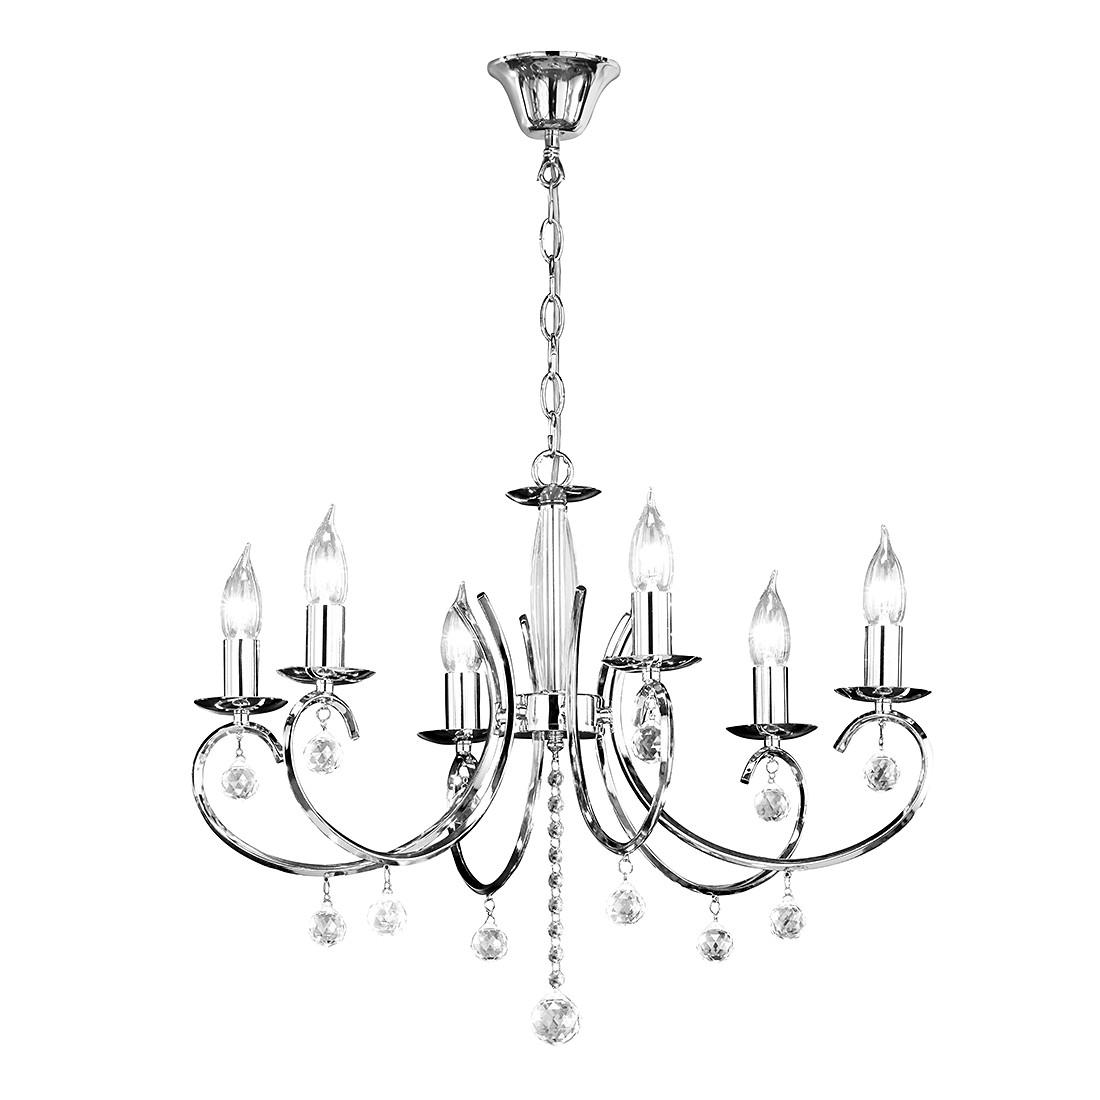 blanc mariclo lampadari : Blanc mariclo lampadario 6 luci blanc mariclo Prezzo e Offerte ...